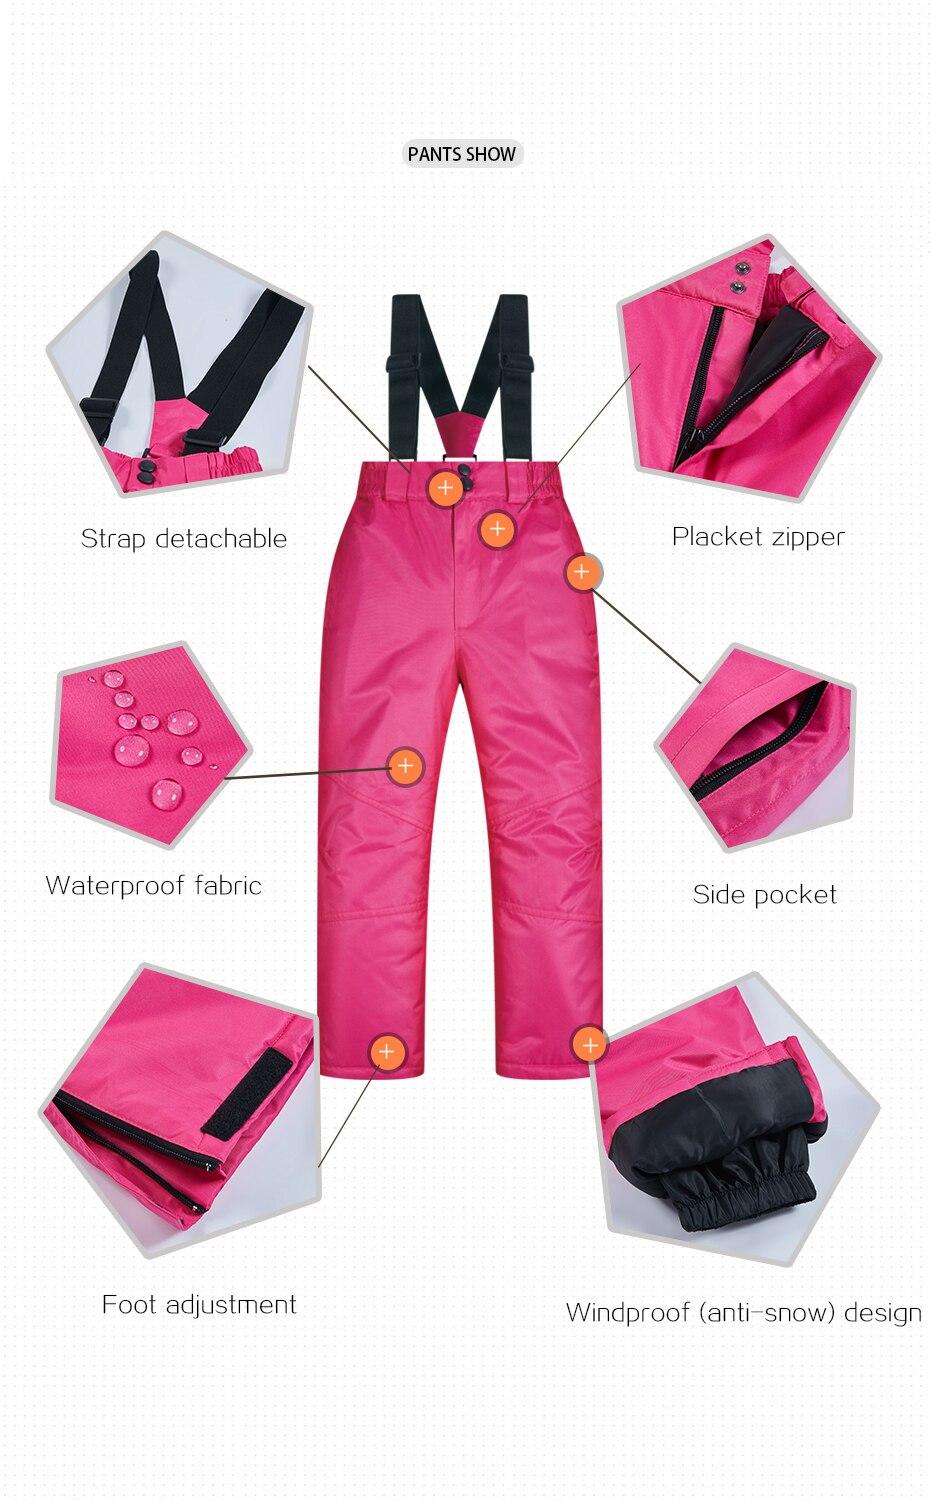 儿童滑雪服套装模板_20